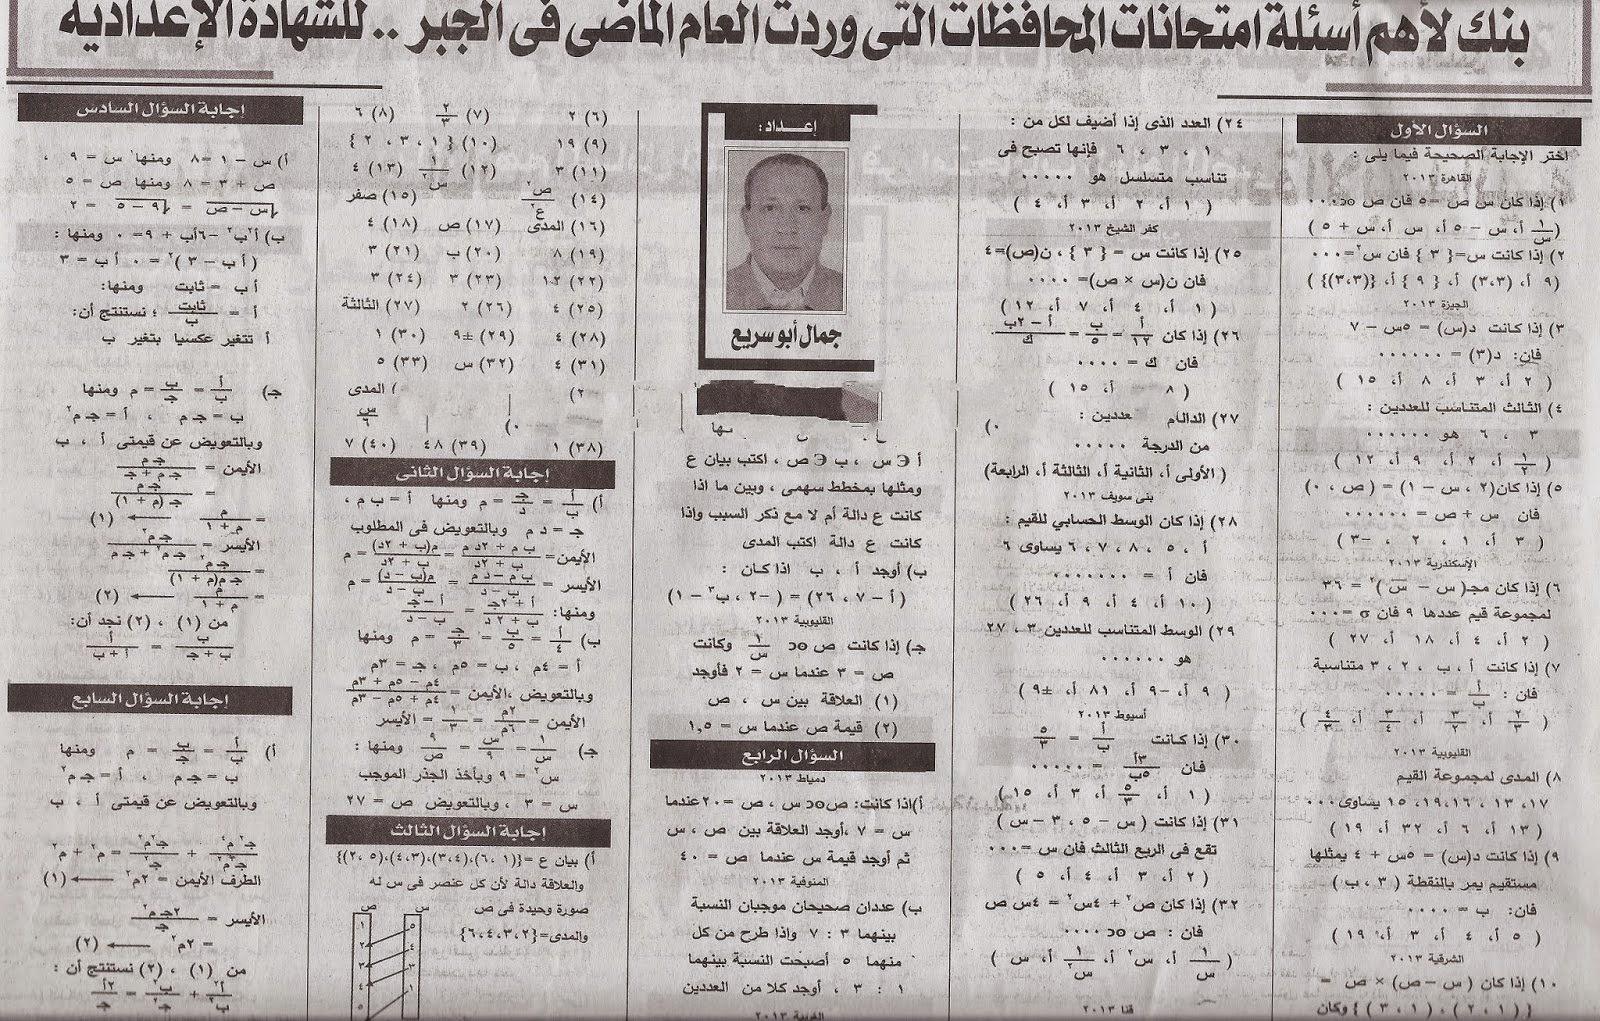 كل مراجعات ملاحق الجمهورية للترم الأول2015 للشهادة الإعدادية scan0109.jpg